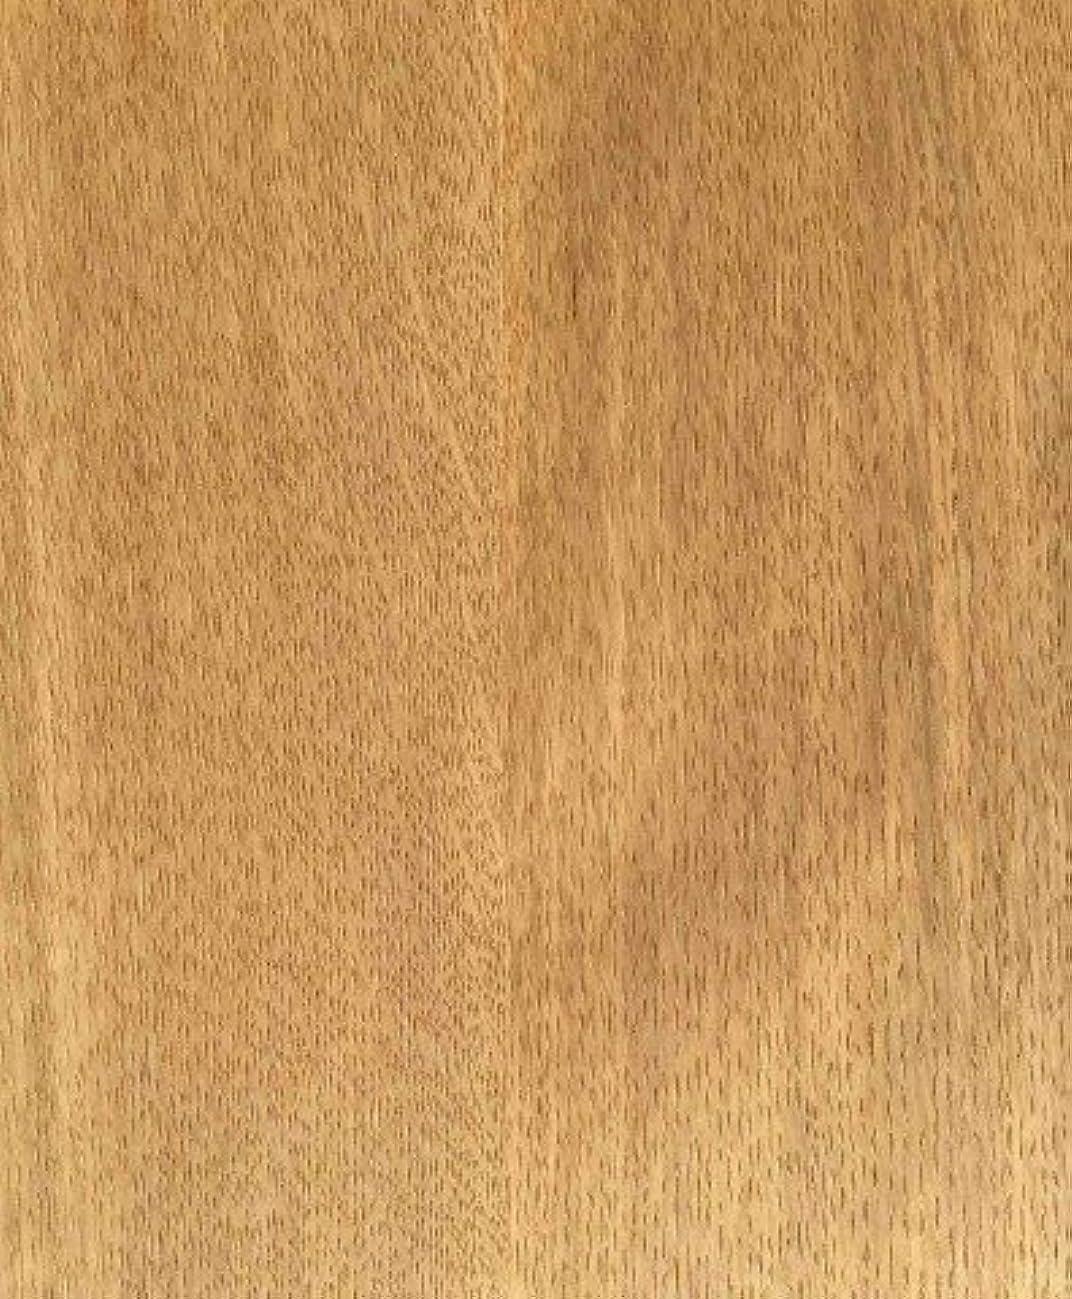 逆さまに留まる合計天然木化粧合板 ナラ【柾目】 3mm 3尺×7尺 1枚入り<P>